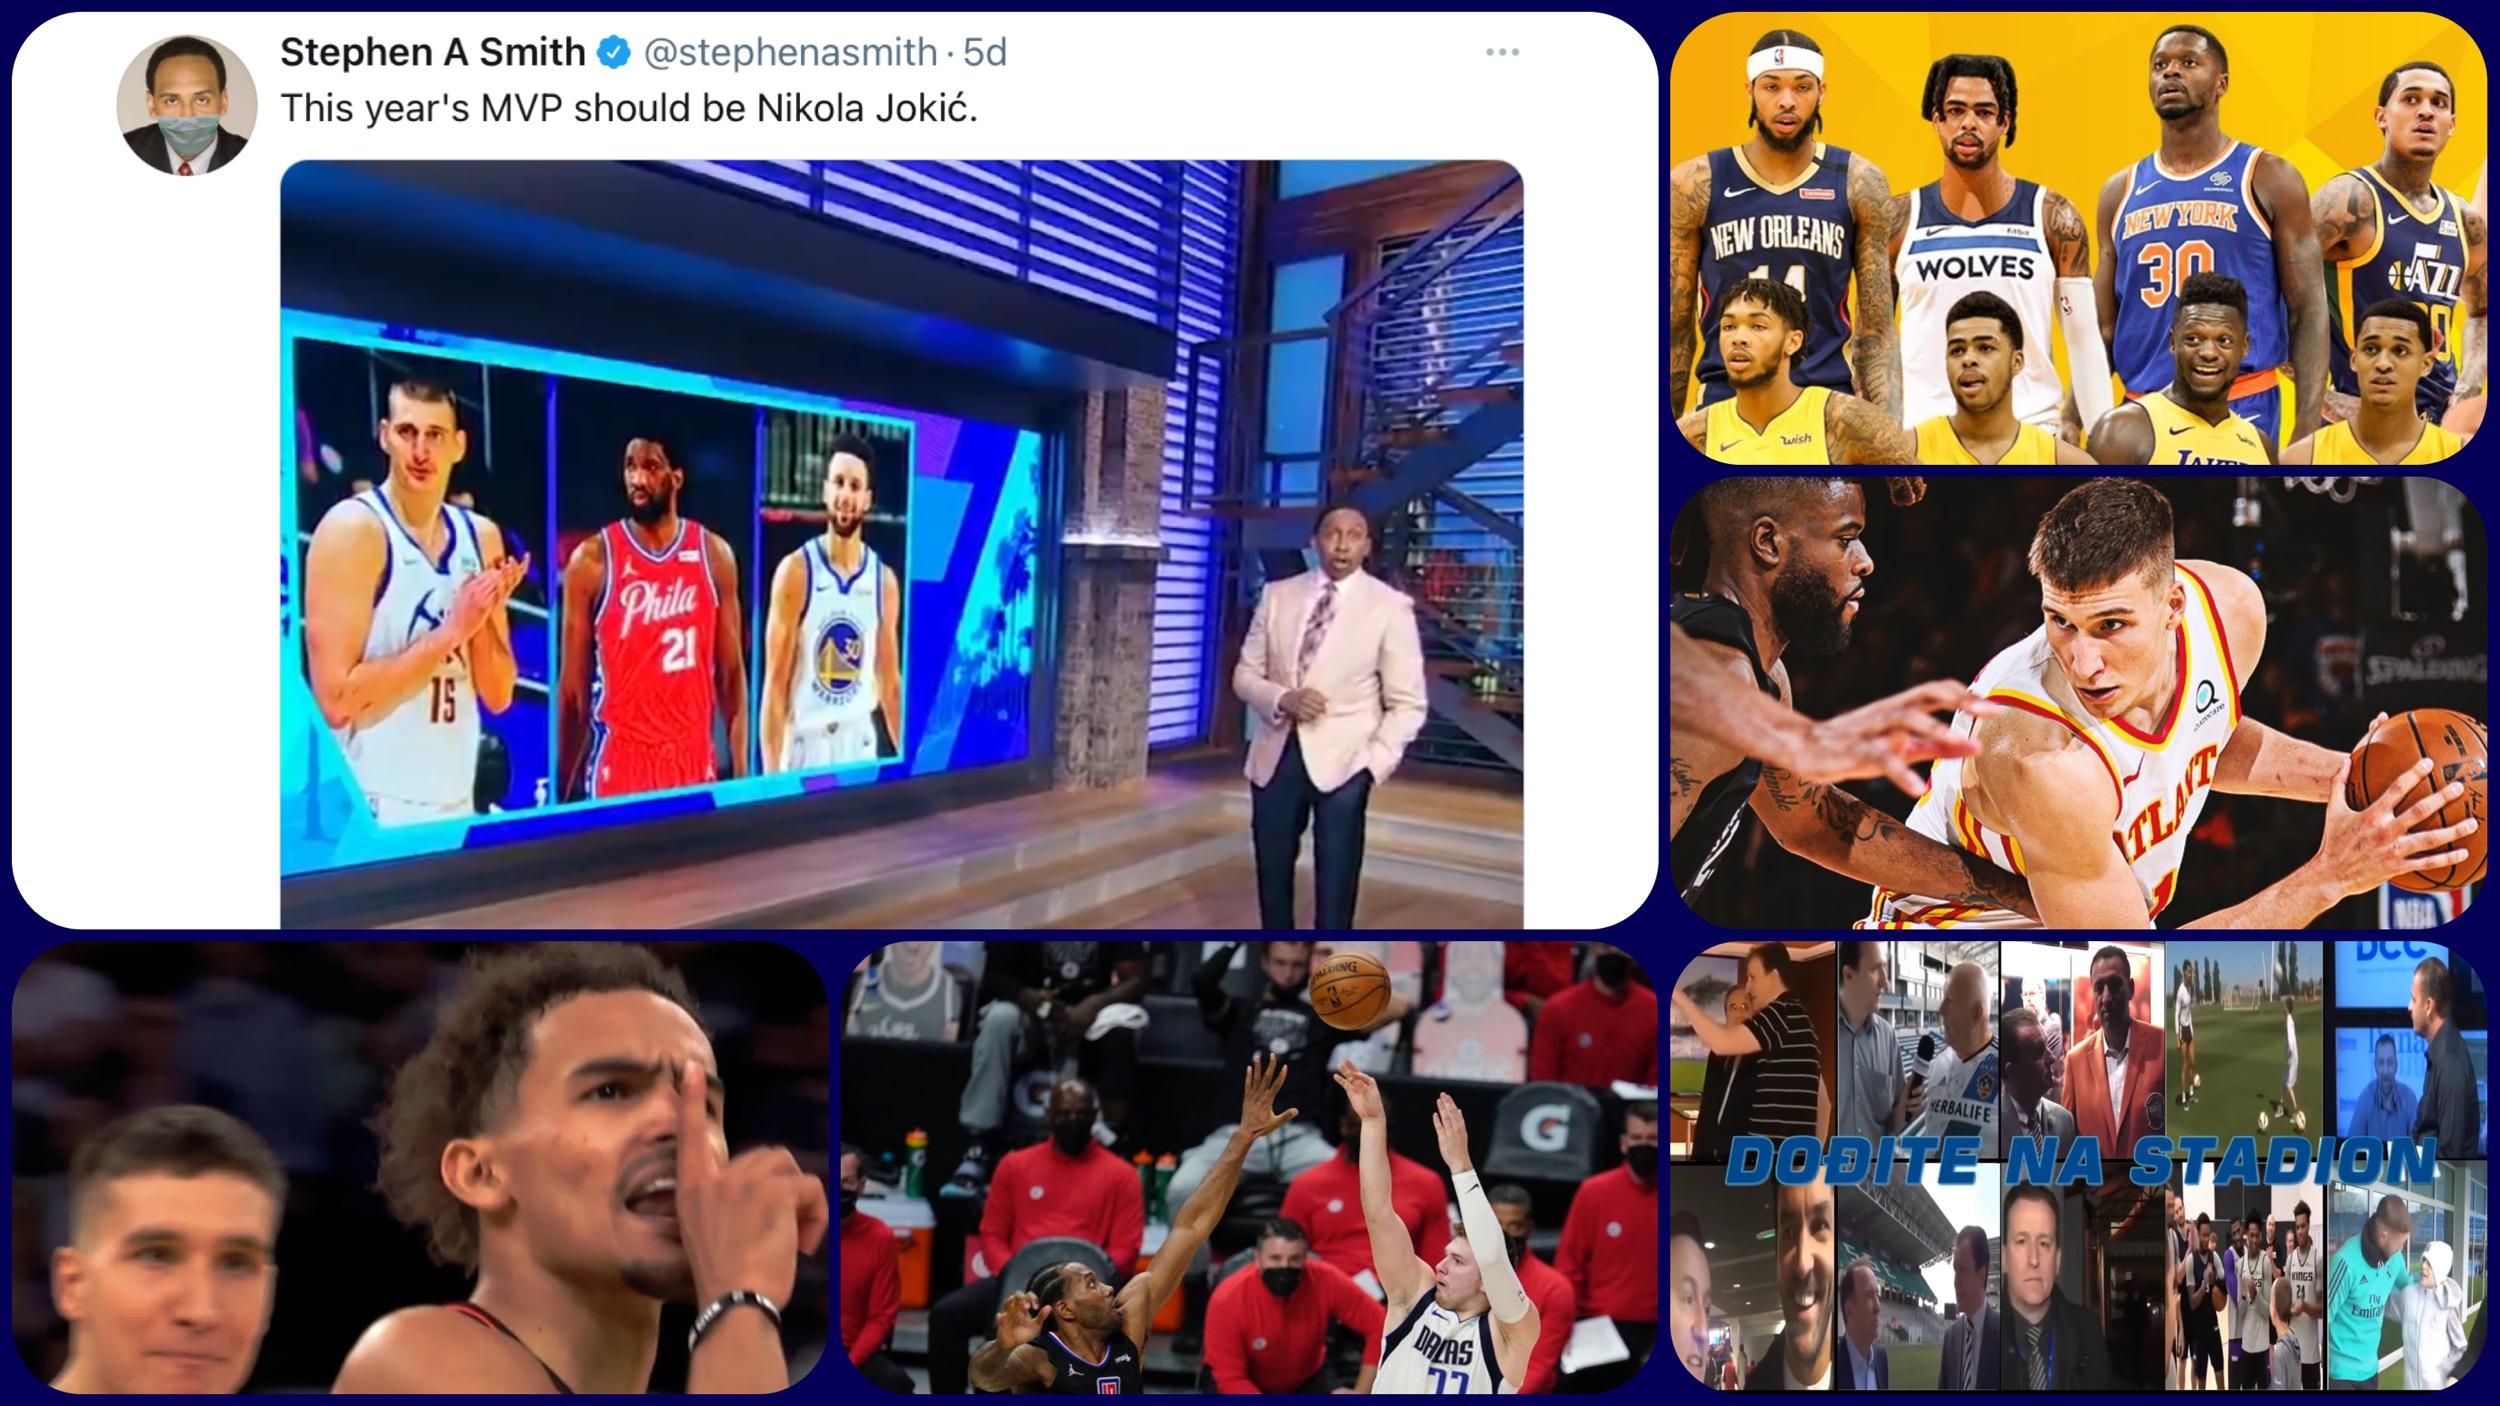 NBA Specijal: MVP Jokić kao 41. pik na draftu i priča o nestrpljivim Lejkersima… (VIDEO)